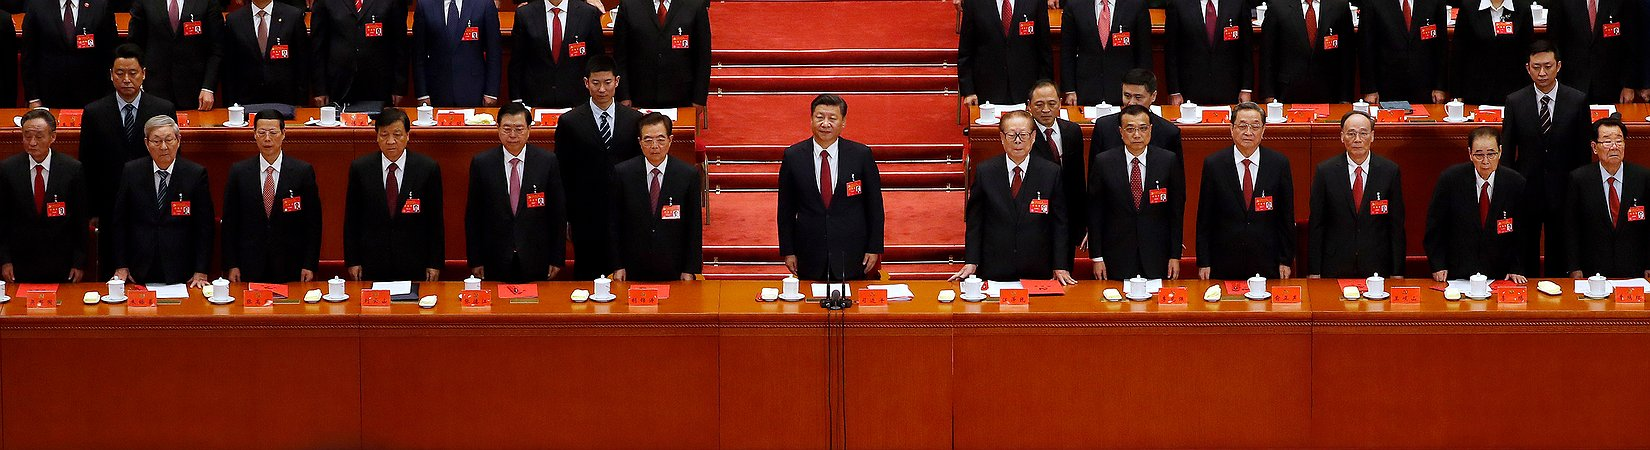 Китай против интернета: Второй этап войны со свободой